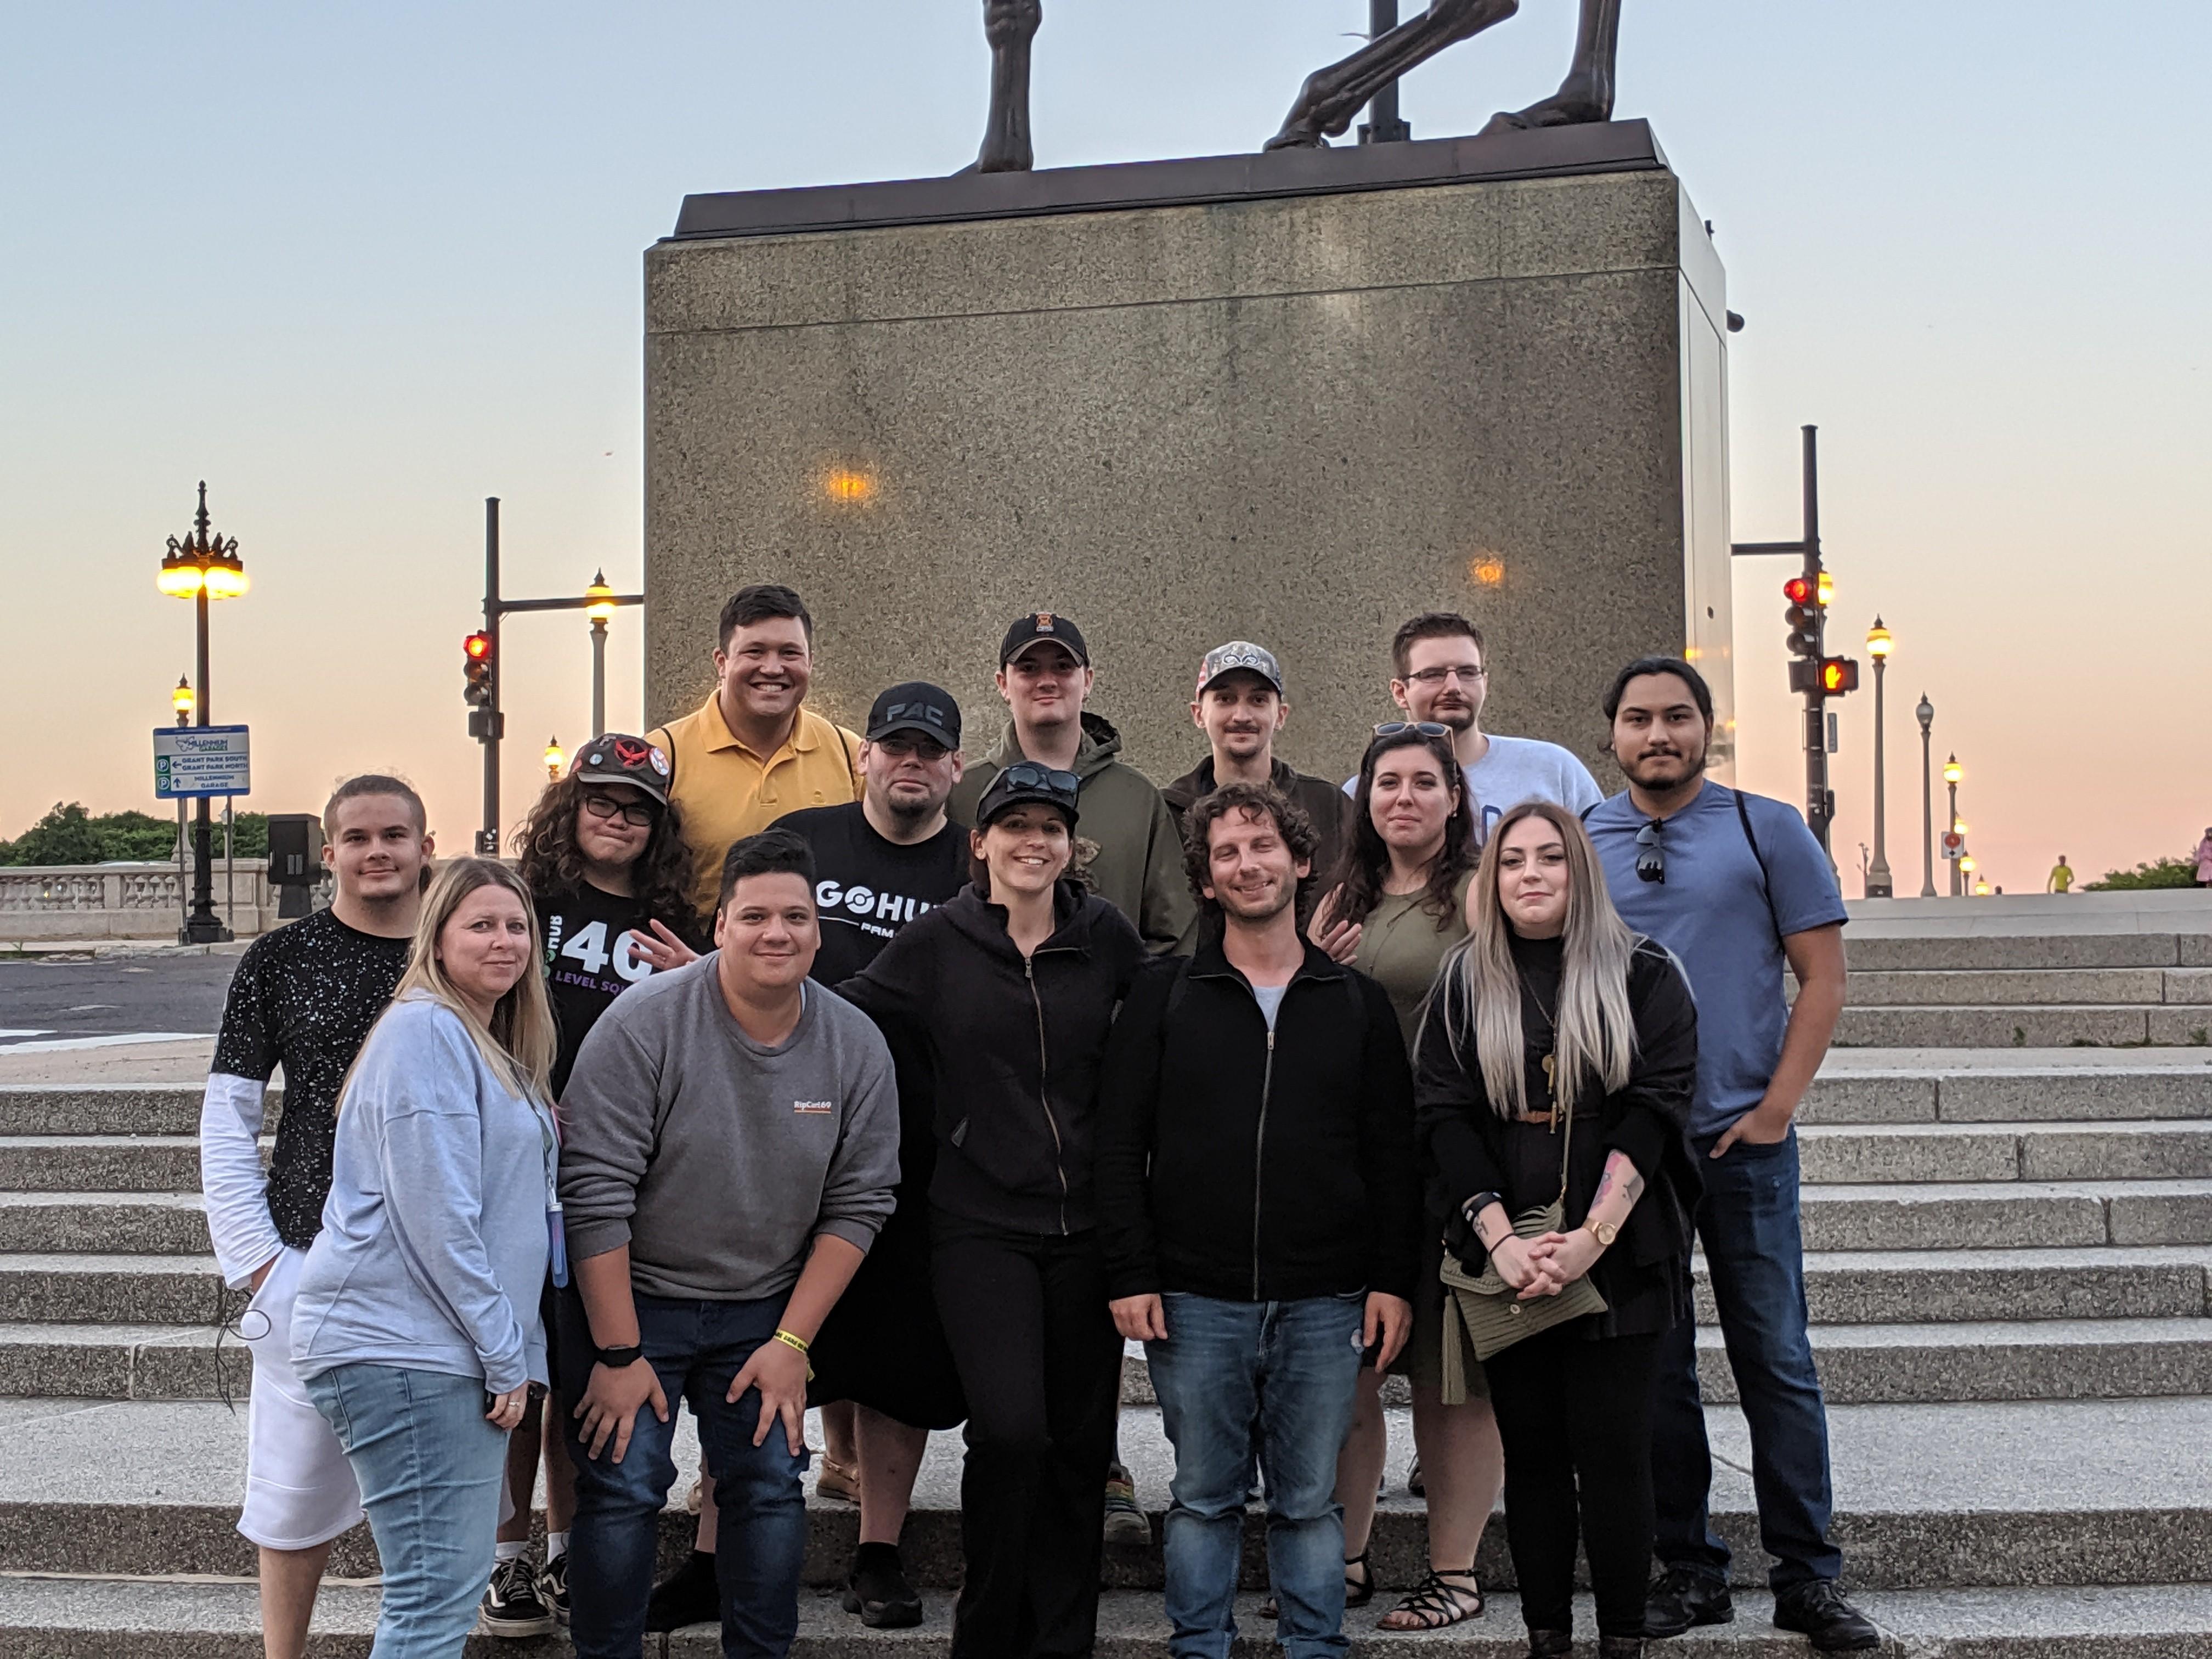 The GO Hub Team